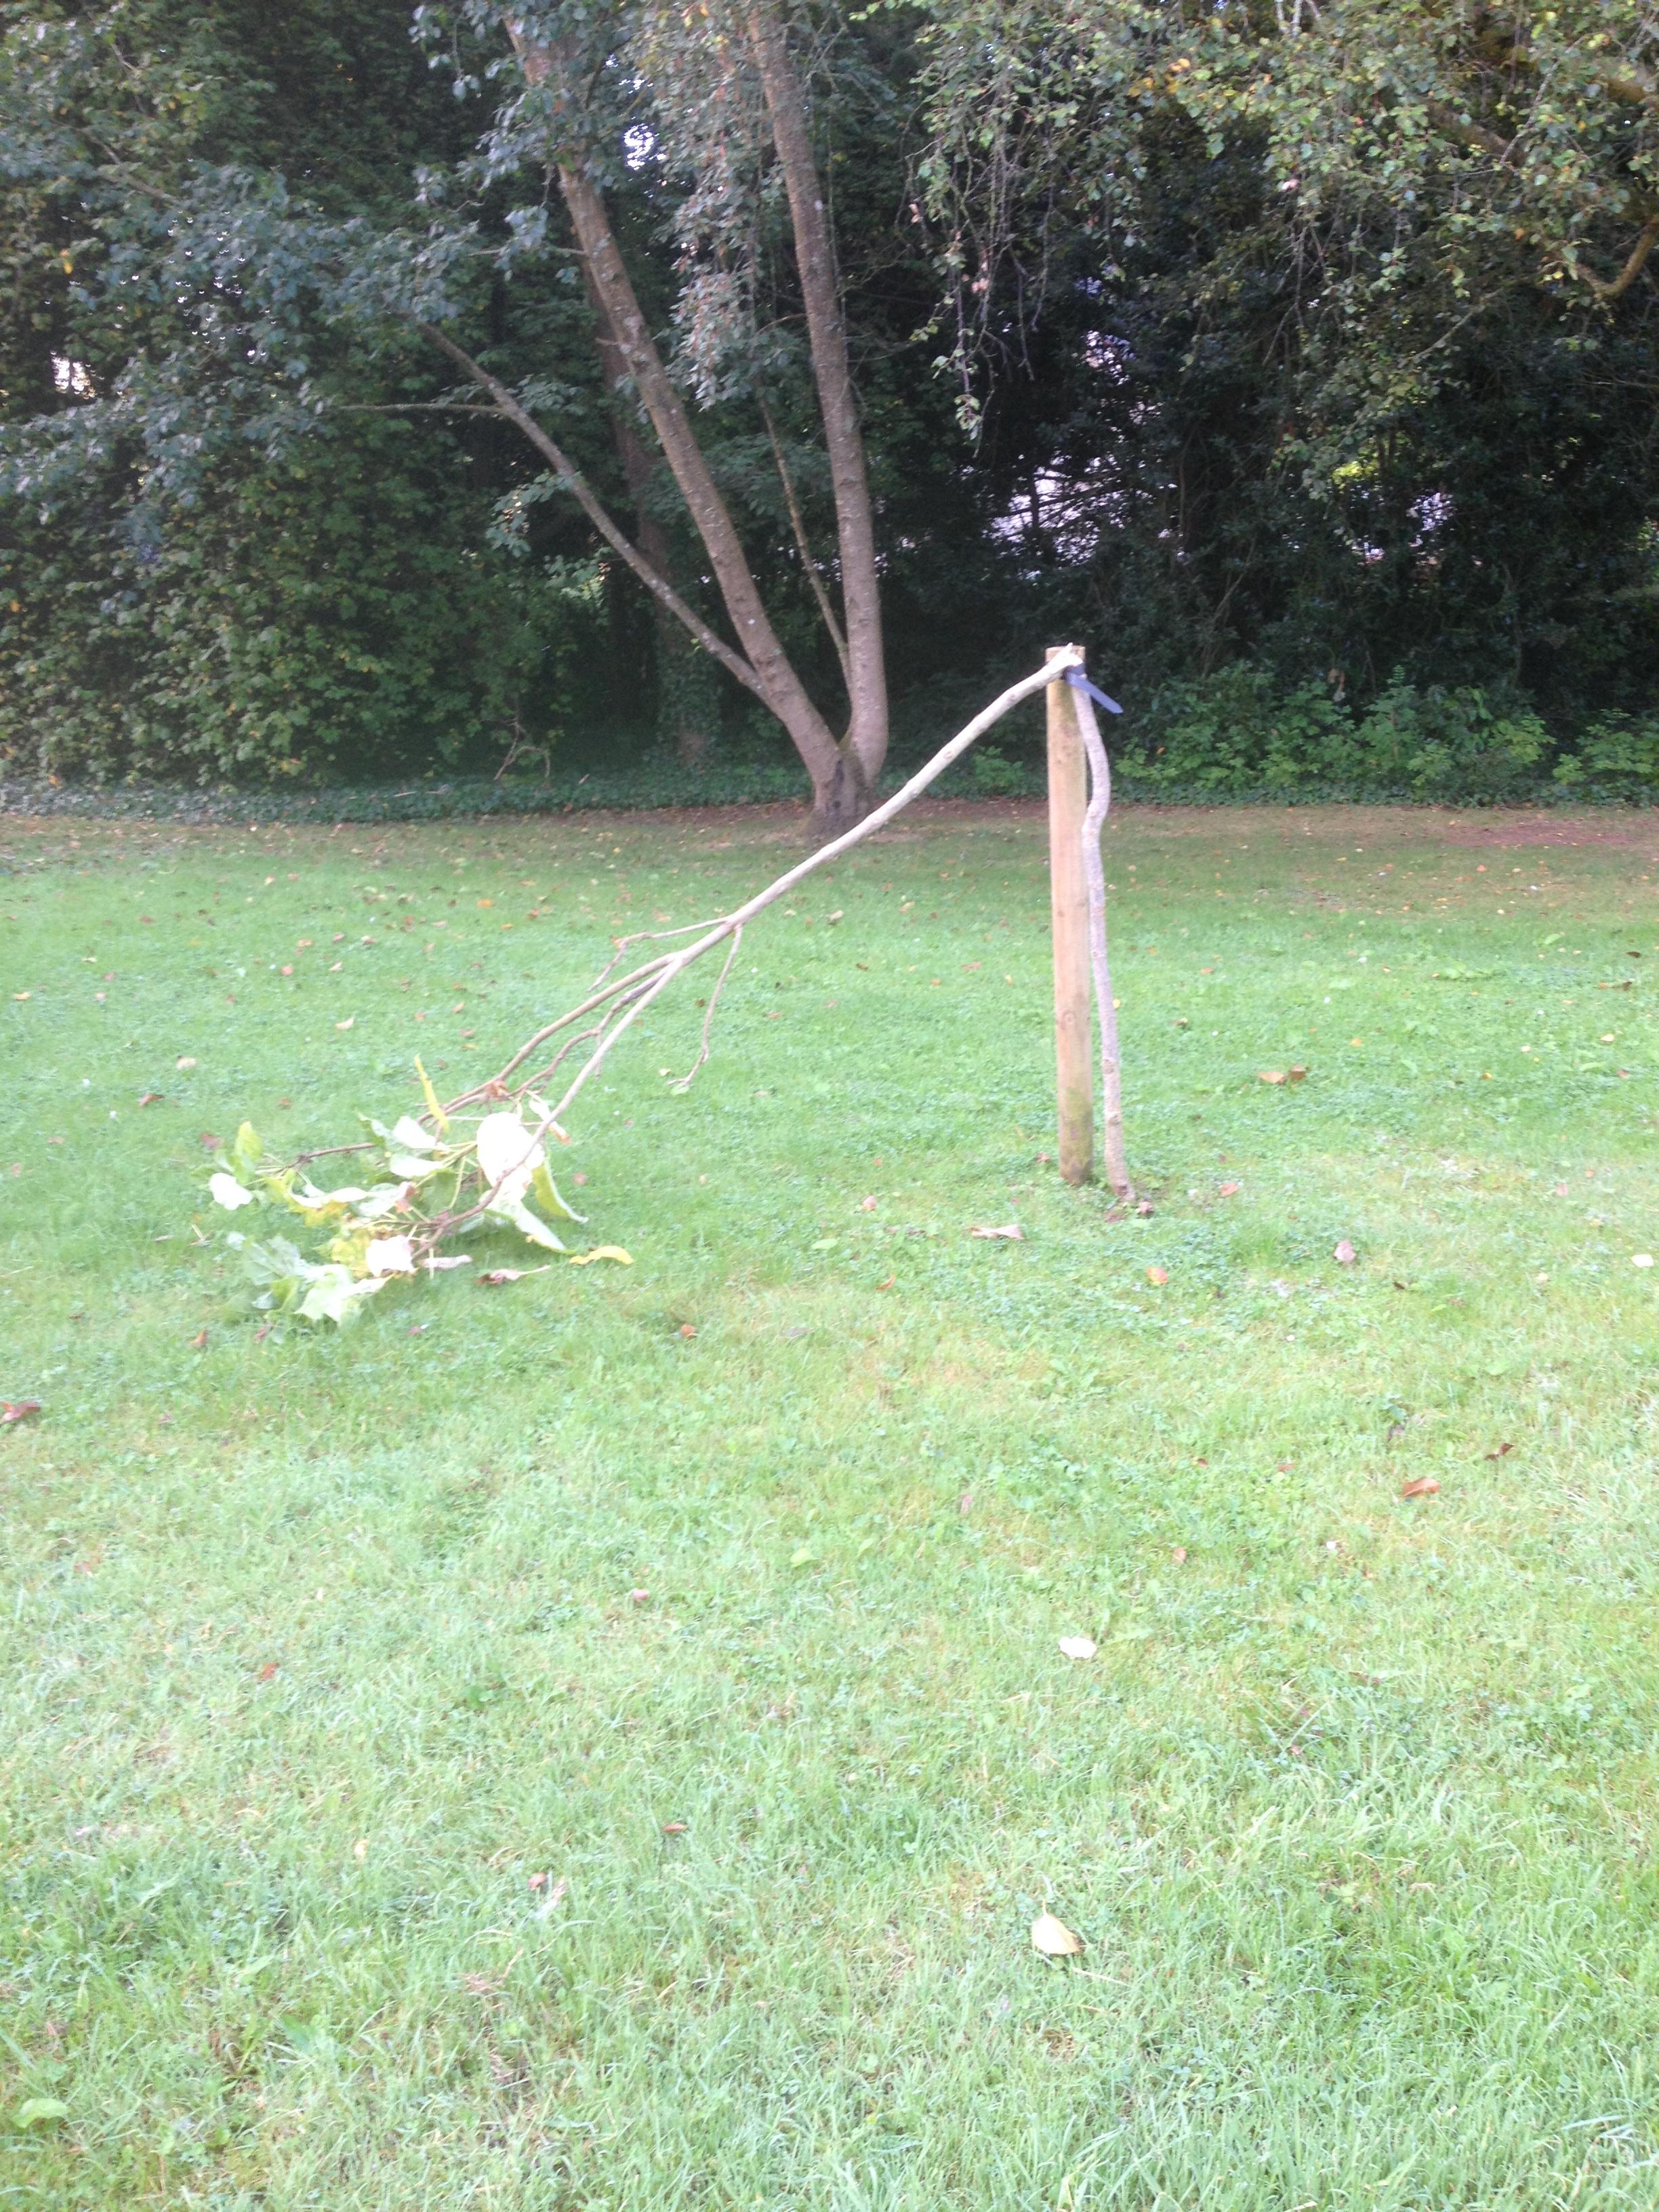 Vansalised tree at Pennsilvania Court